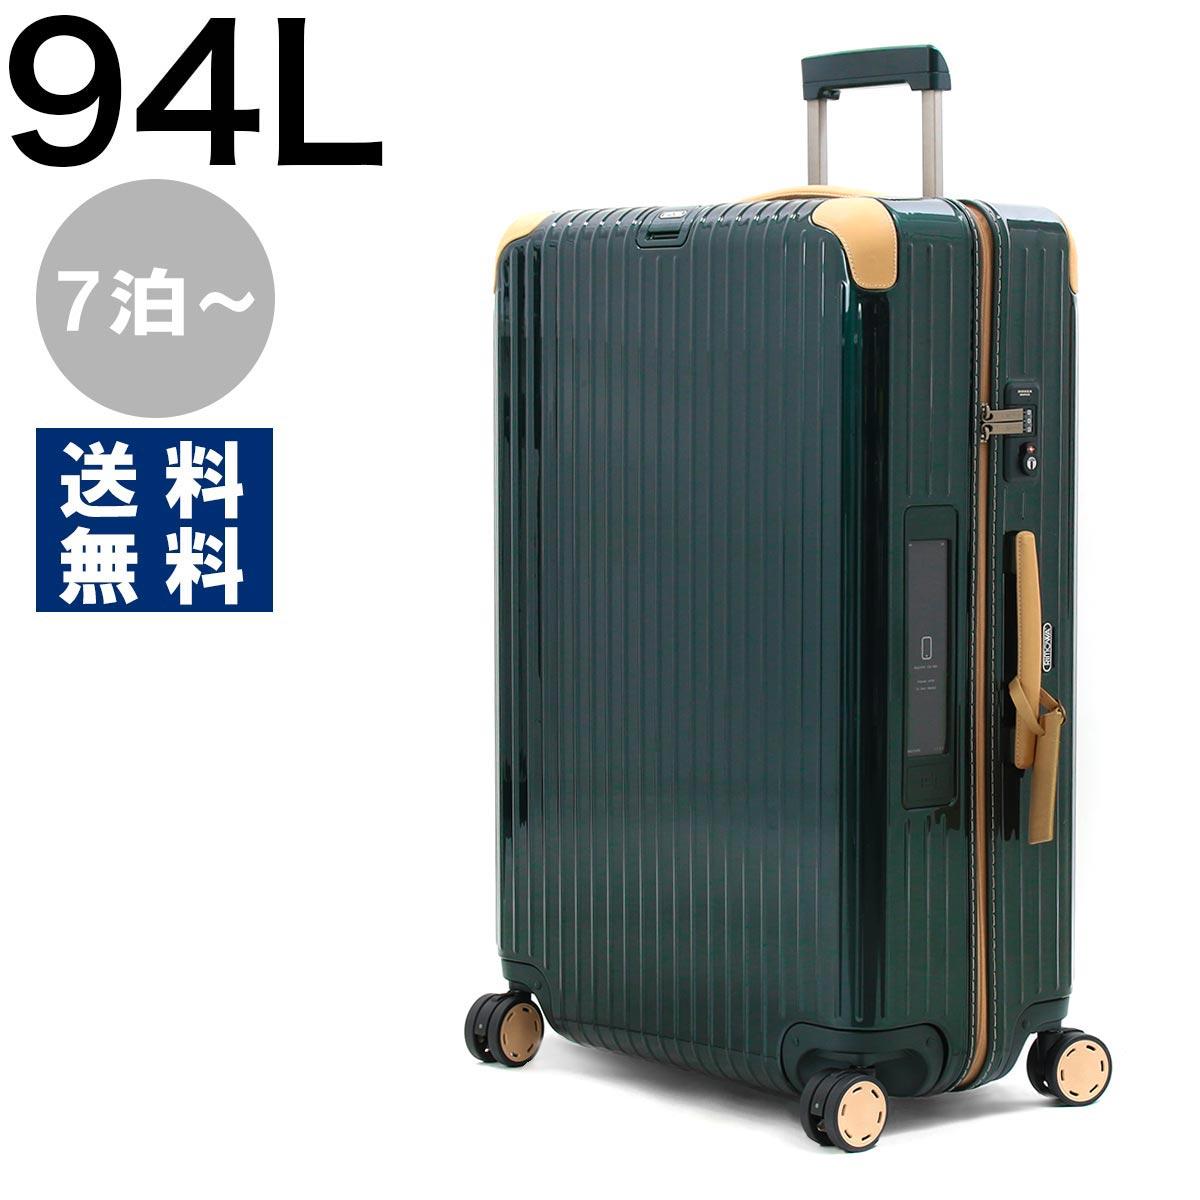 リモワ スーツケース/旅行用バッグ バッグ メンズ レディース ボサノバ 94L 7泊~ ELECTRONIC TAG ジェットグリーン&ナチュラルベージュ 870.77.41.5 RIMOWA